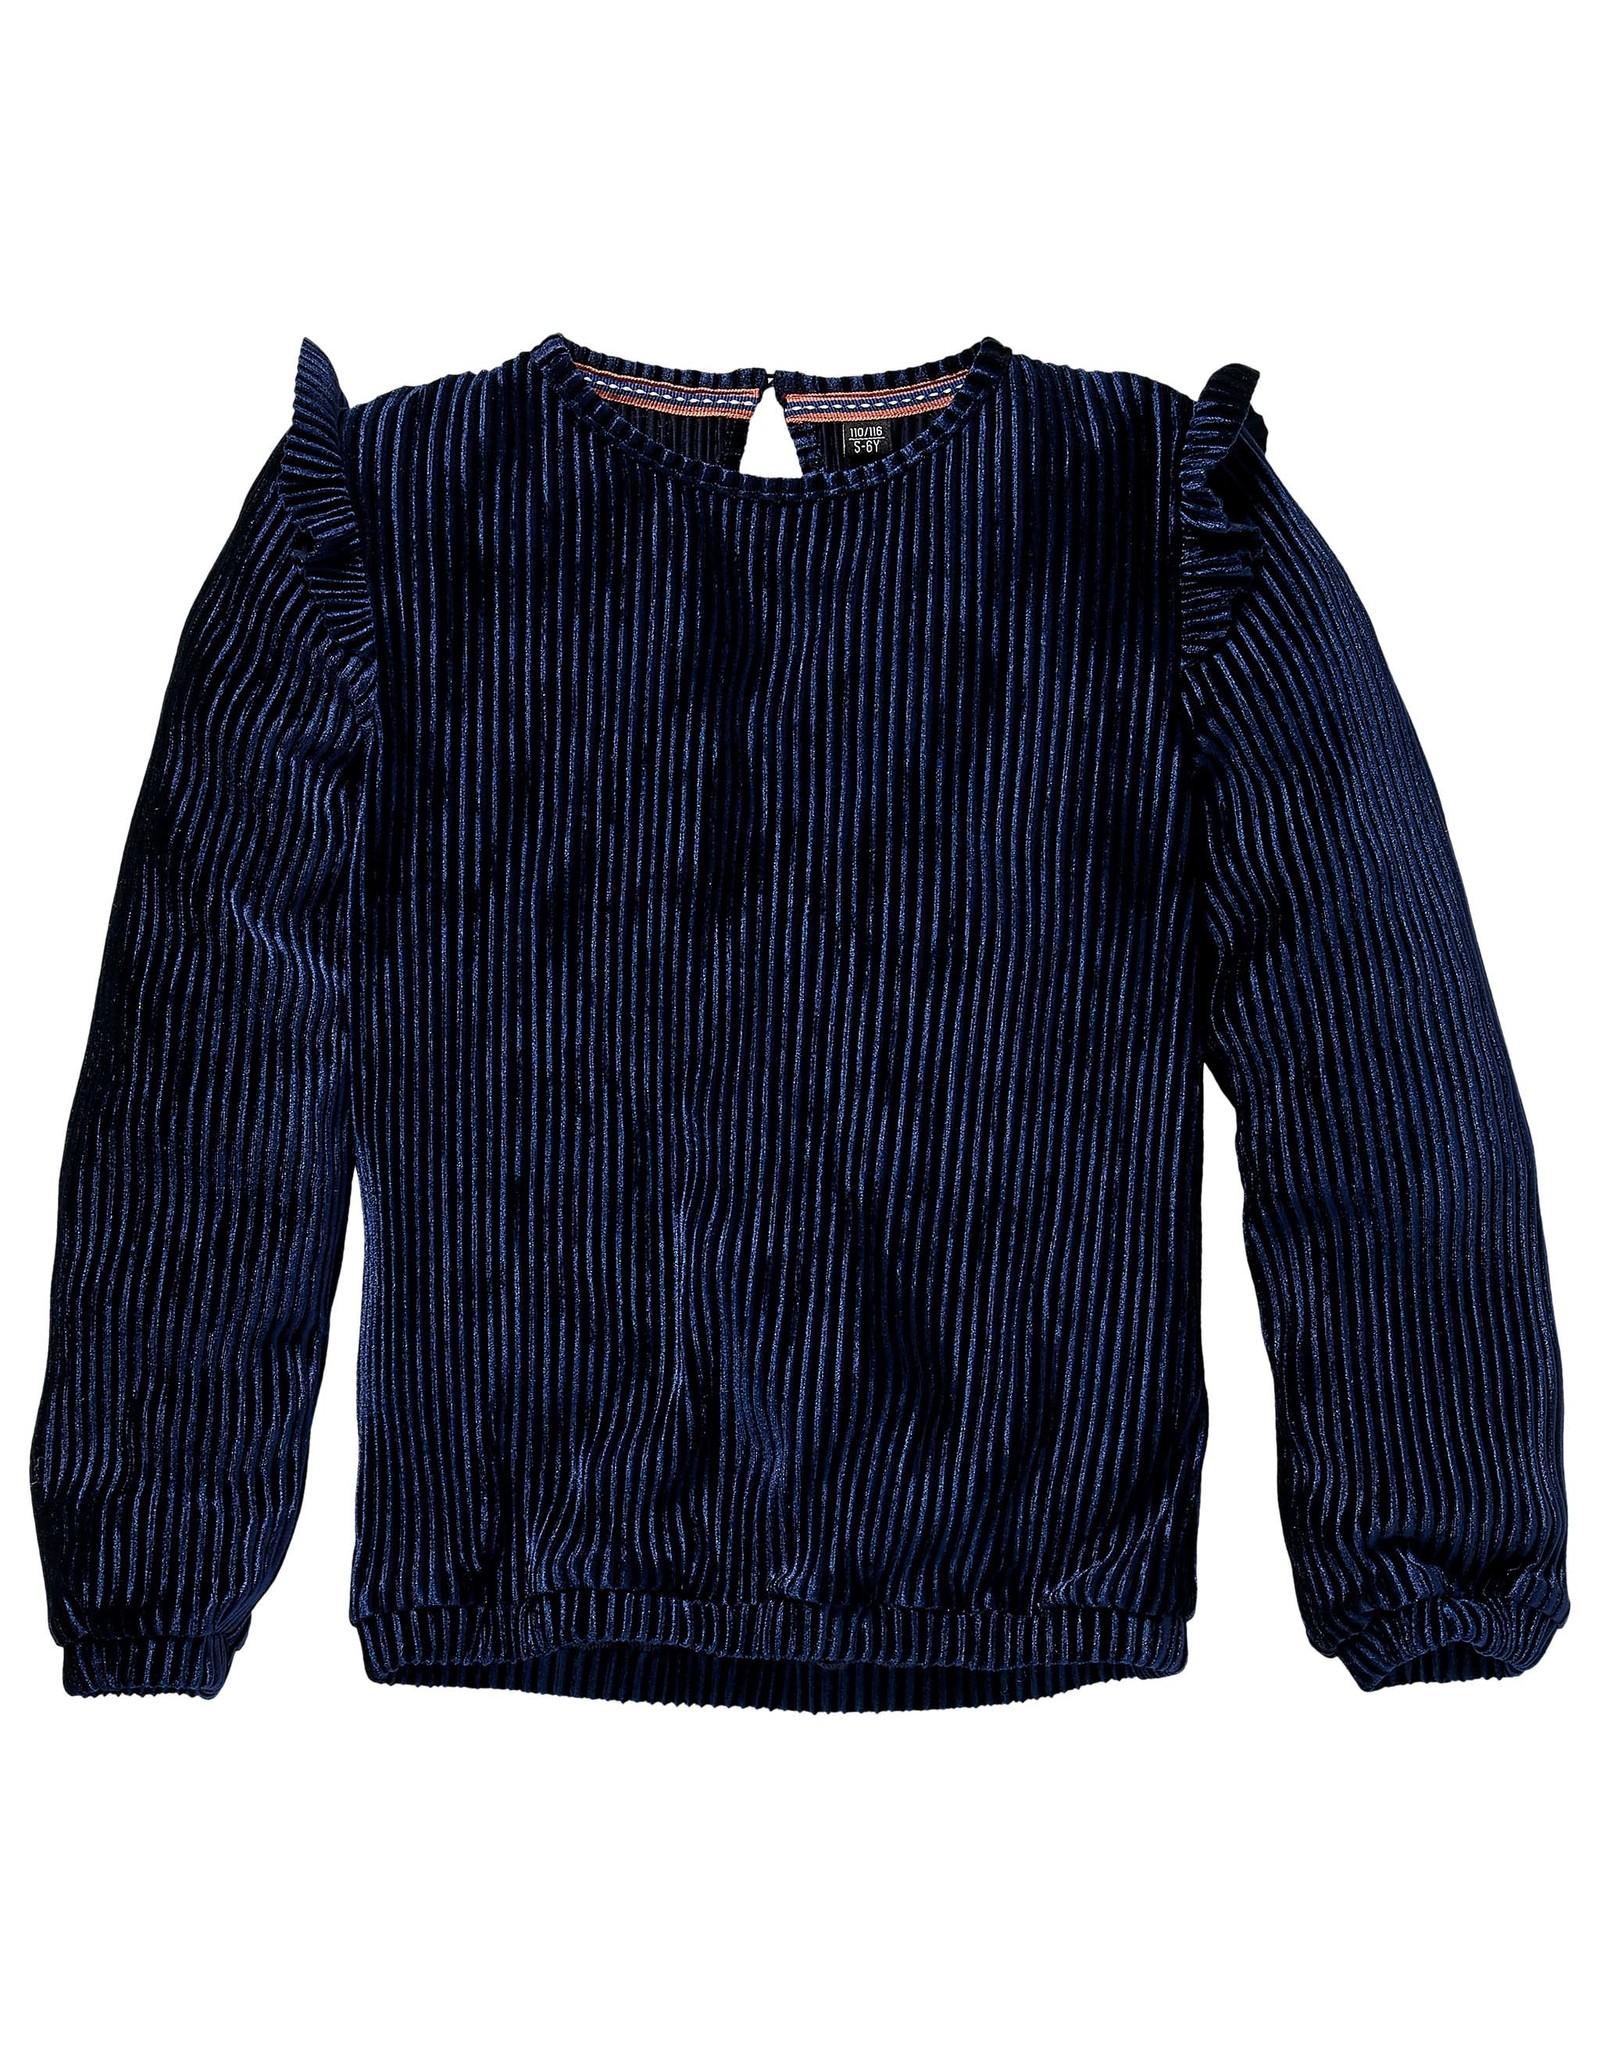 Quapi Quapi blouse Kelyn blue dark